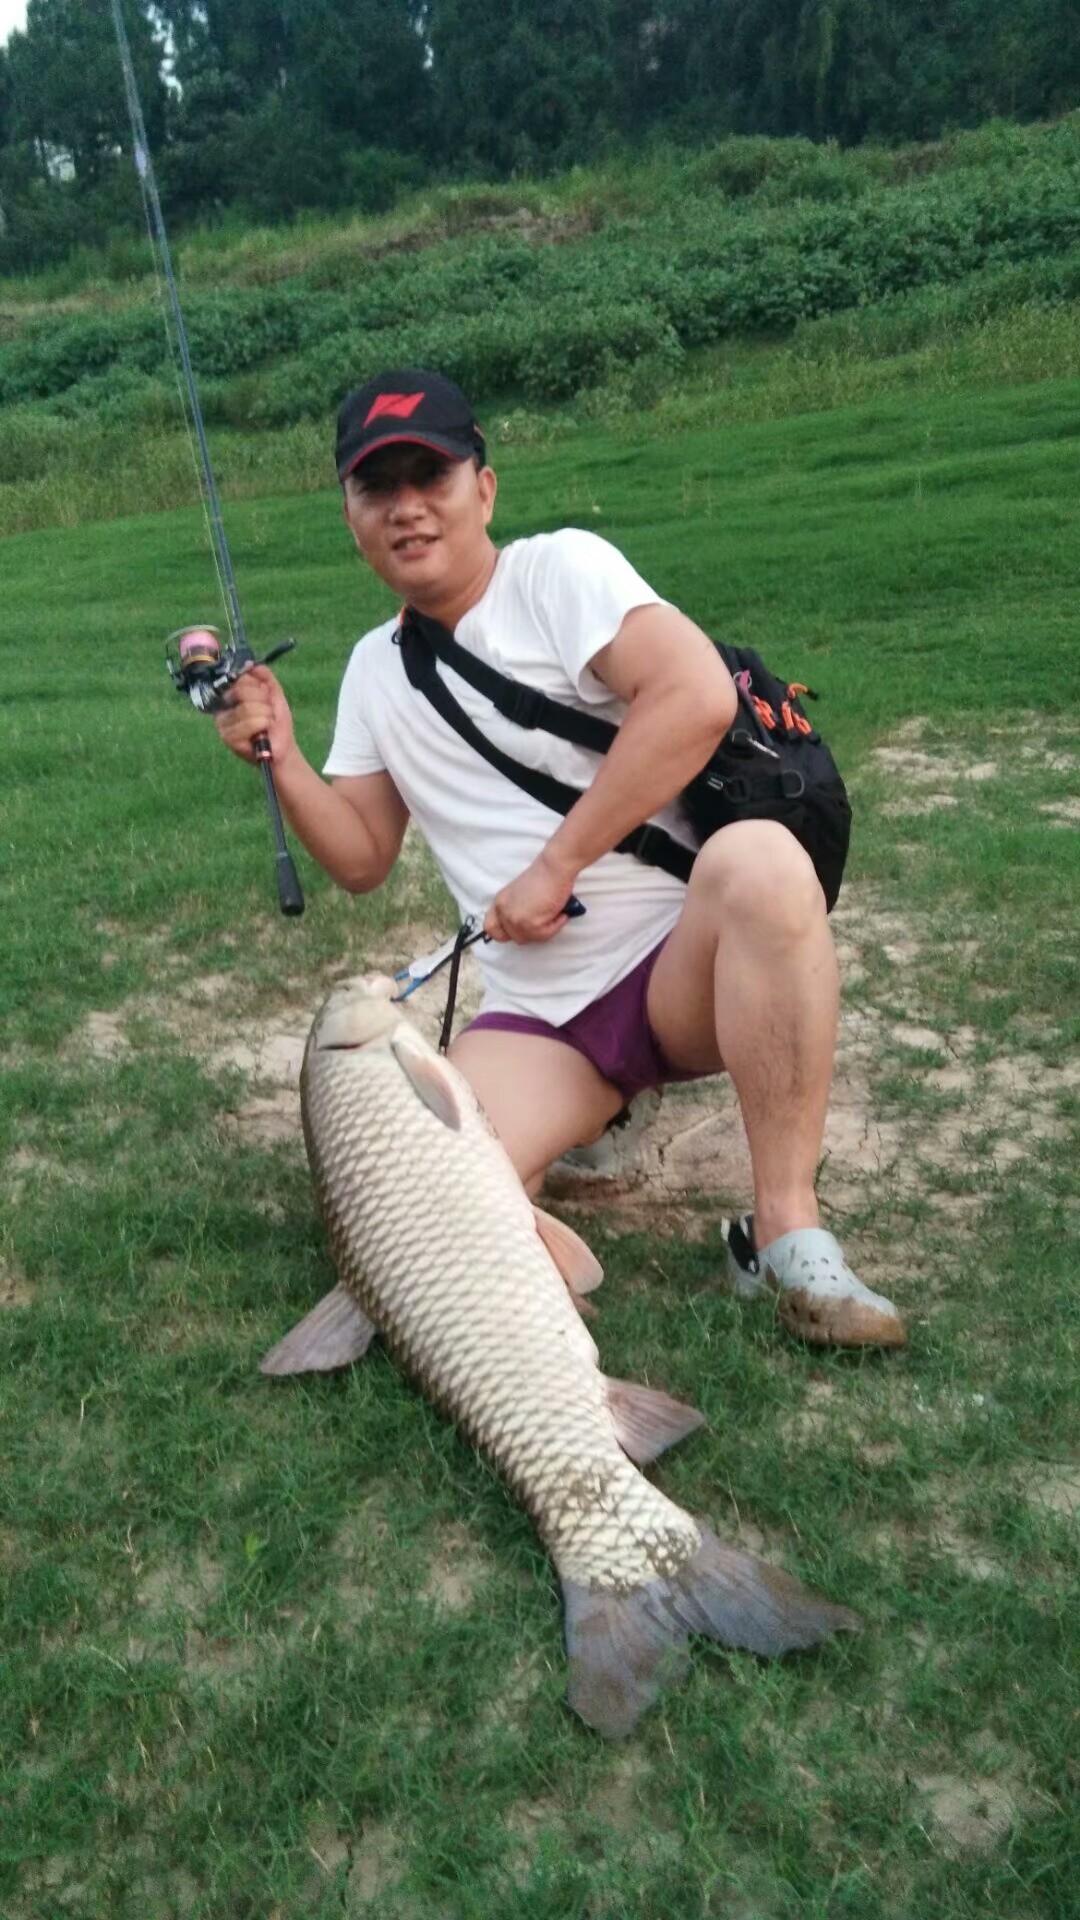 摆好姿势与路亚钓的乌江草鱼拍照